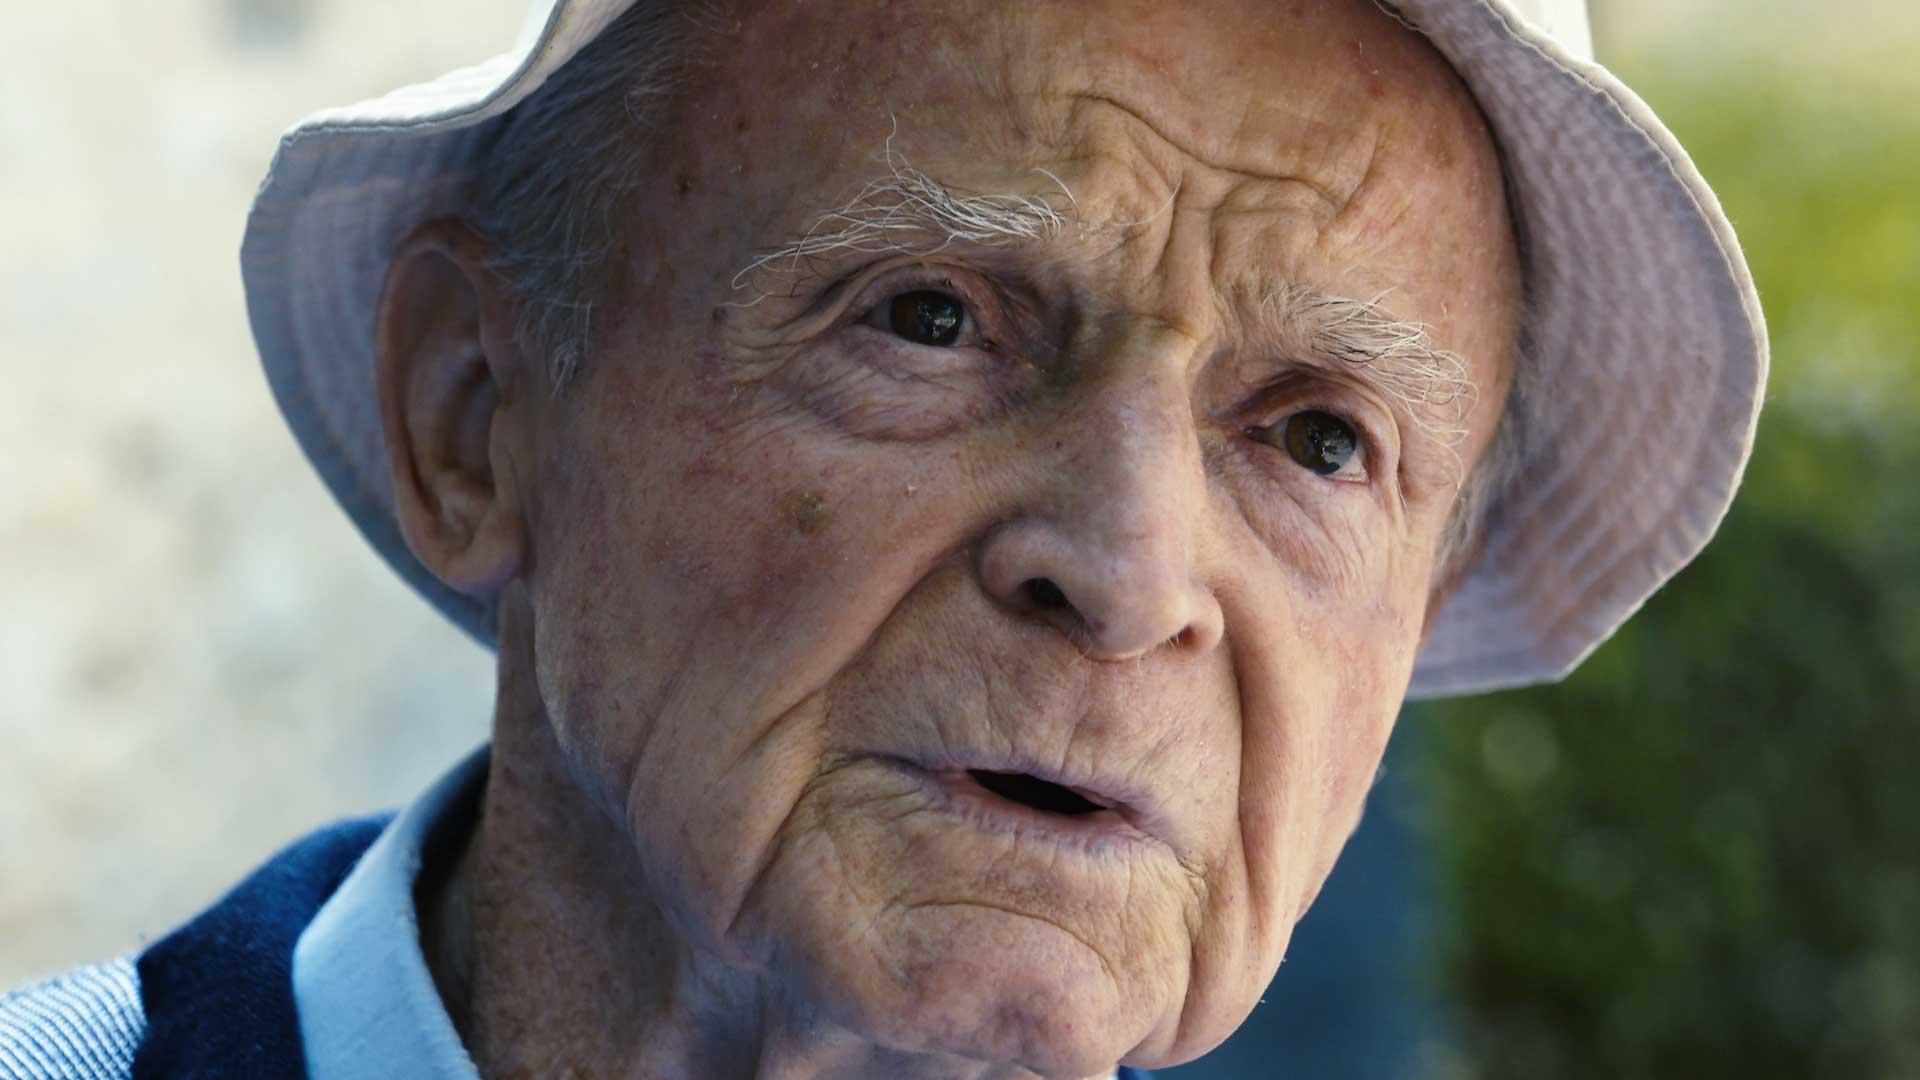 vieille homme chapeau rides ridés sourcil broussailleux